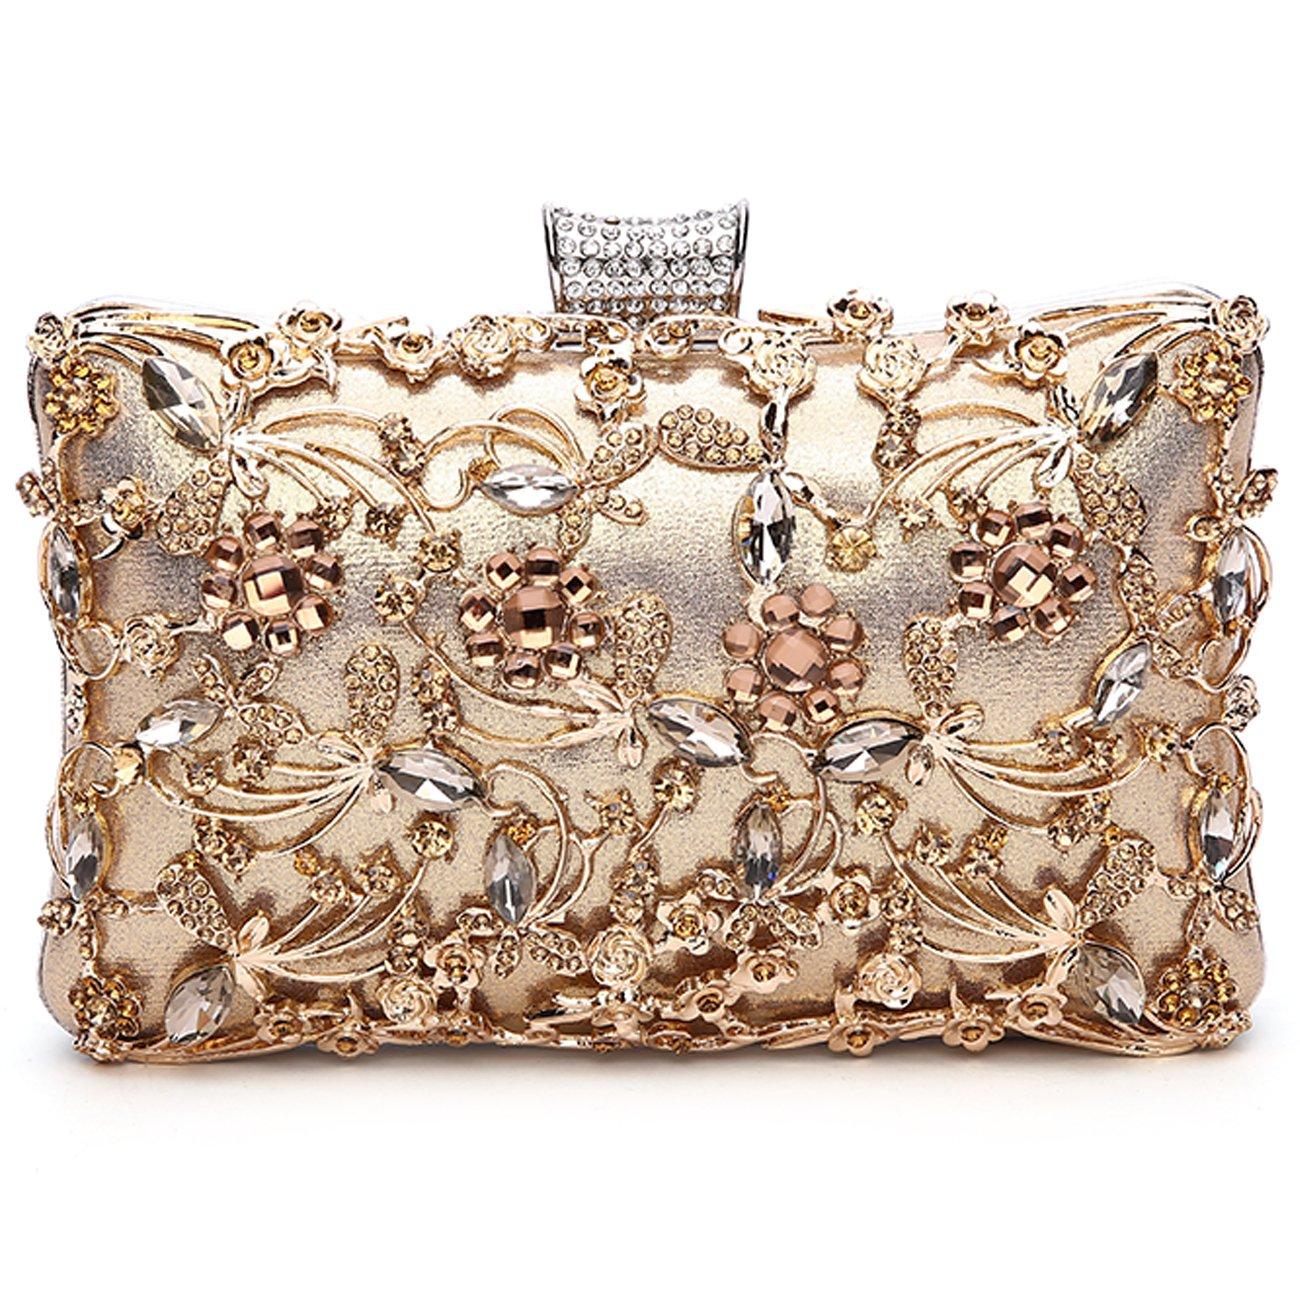 GESU Large Womens Crystal Evening Clutch Bag Wedding Purse Bridal Prom Handbag Party Bag.(Gold)